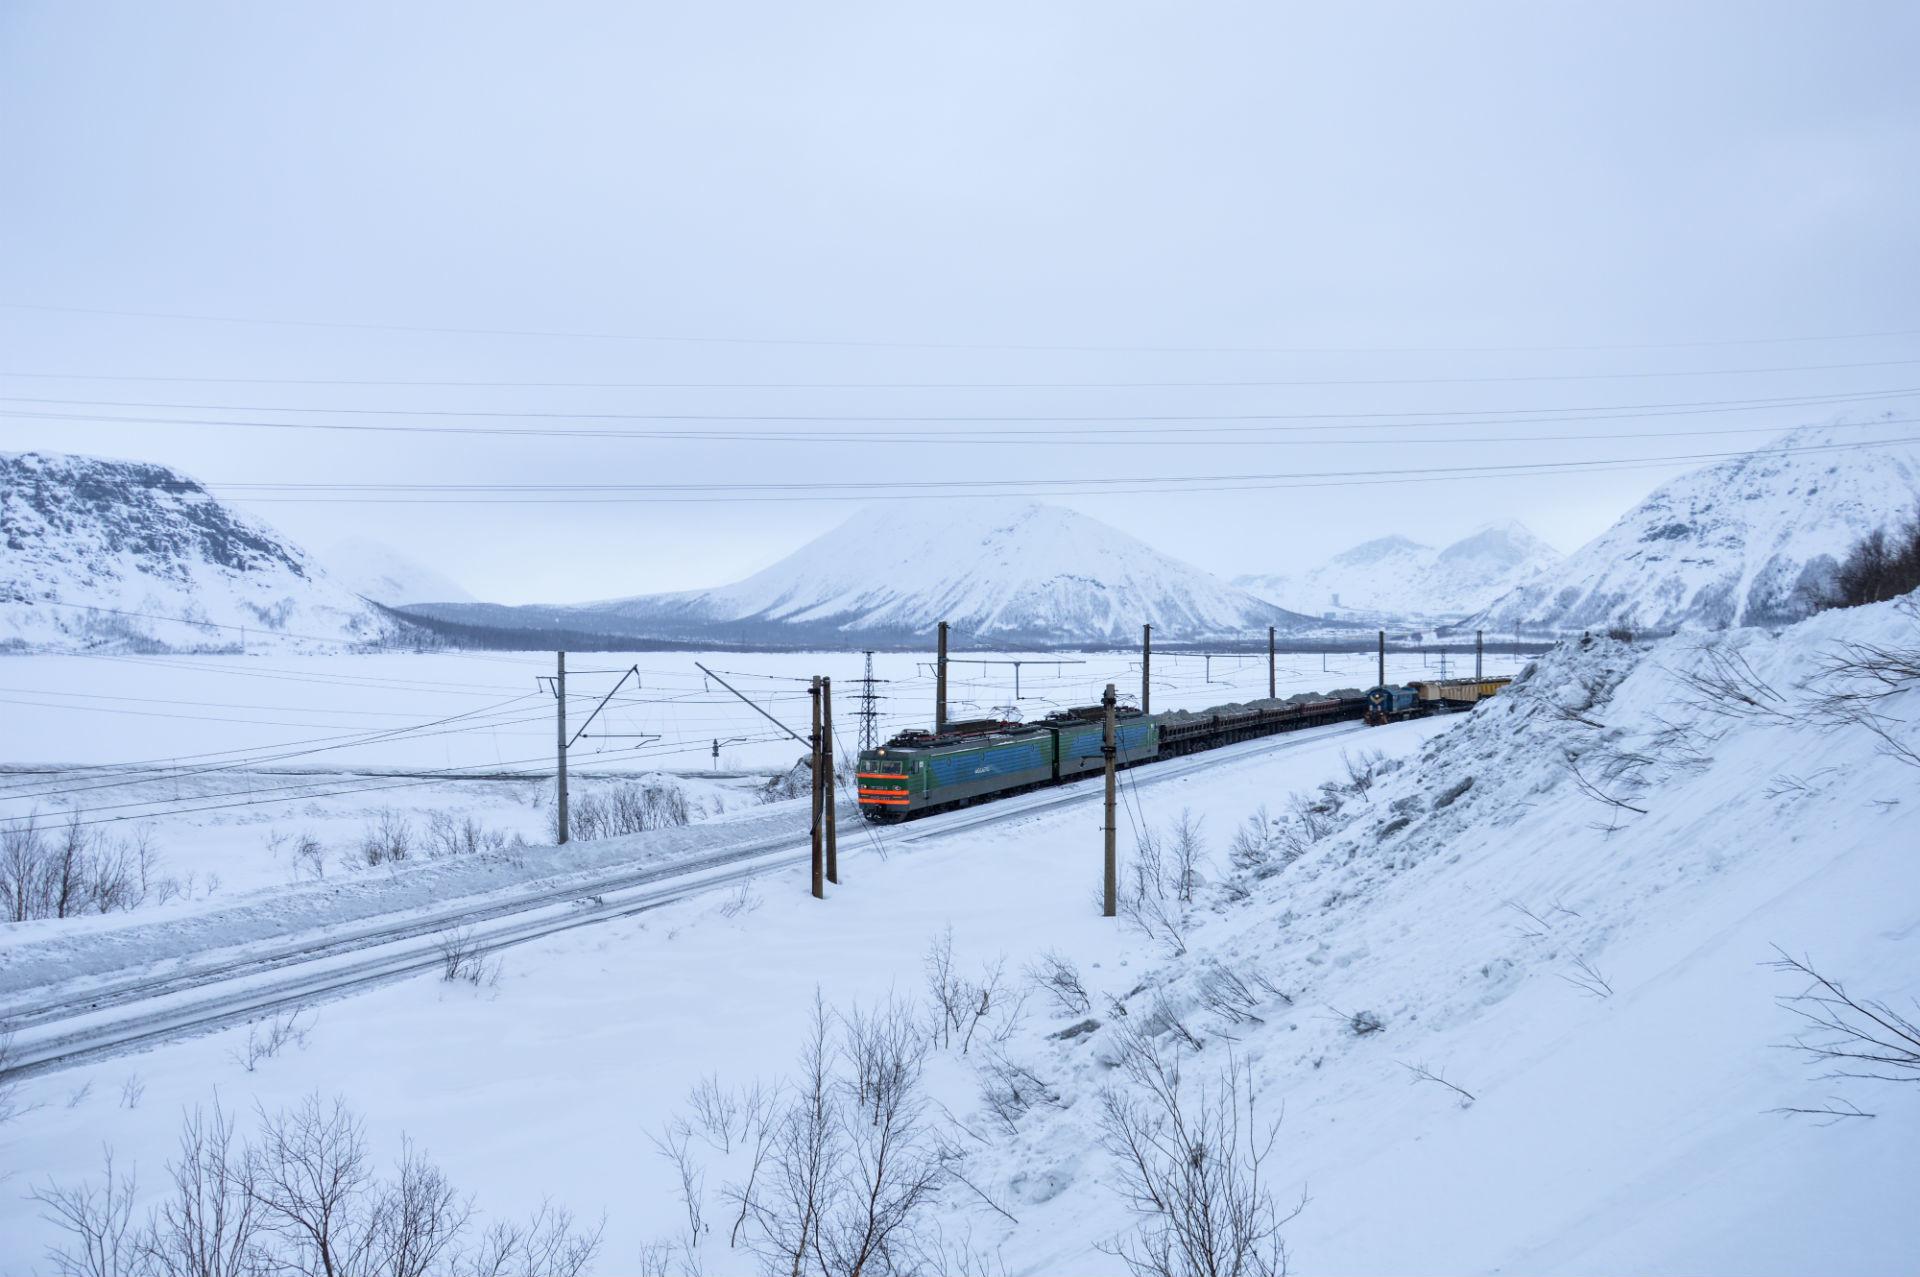 Le relief est serpenté à longueur de journée par des trains miniers.